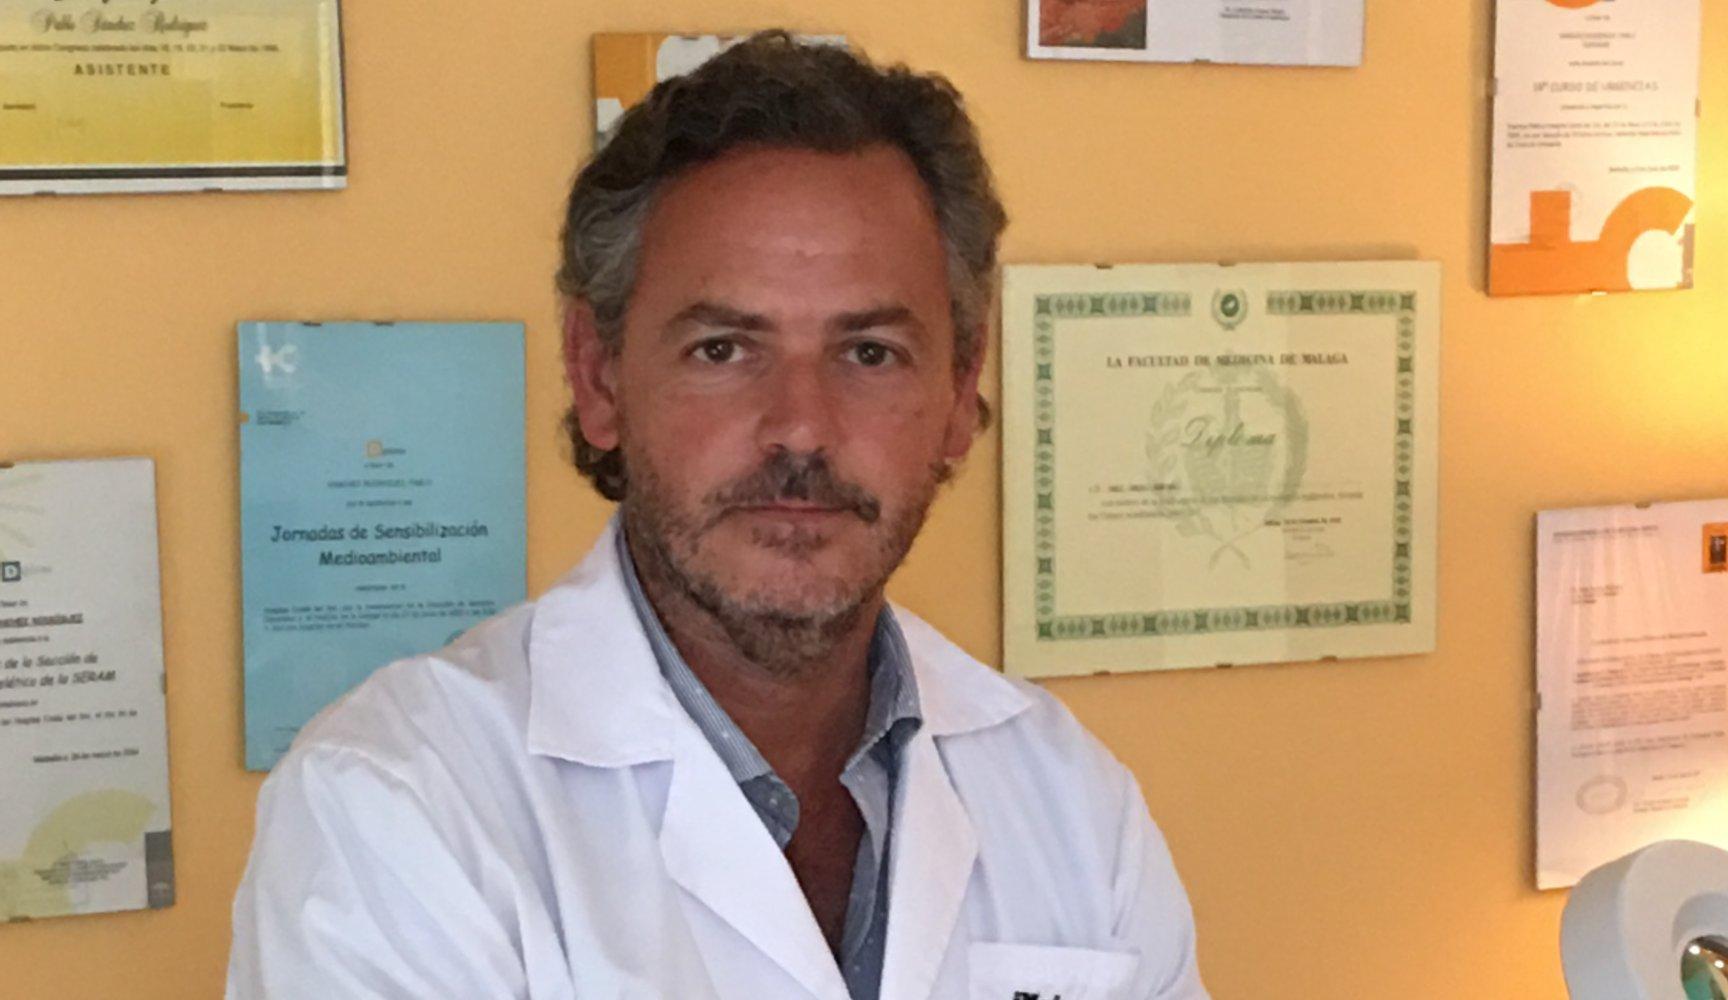 Dr. Pablo Sánchez